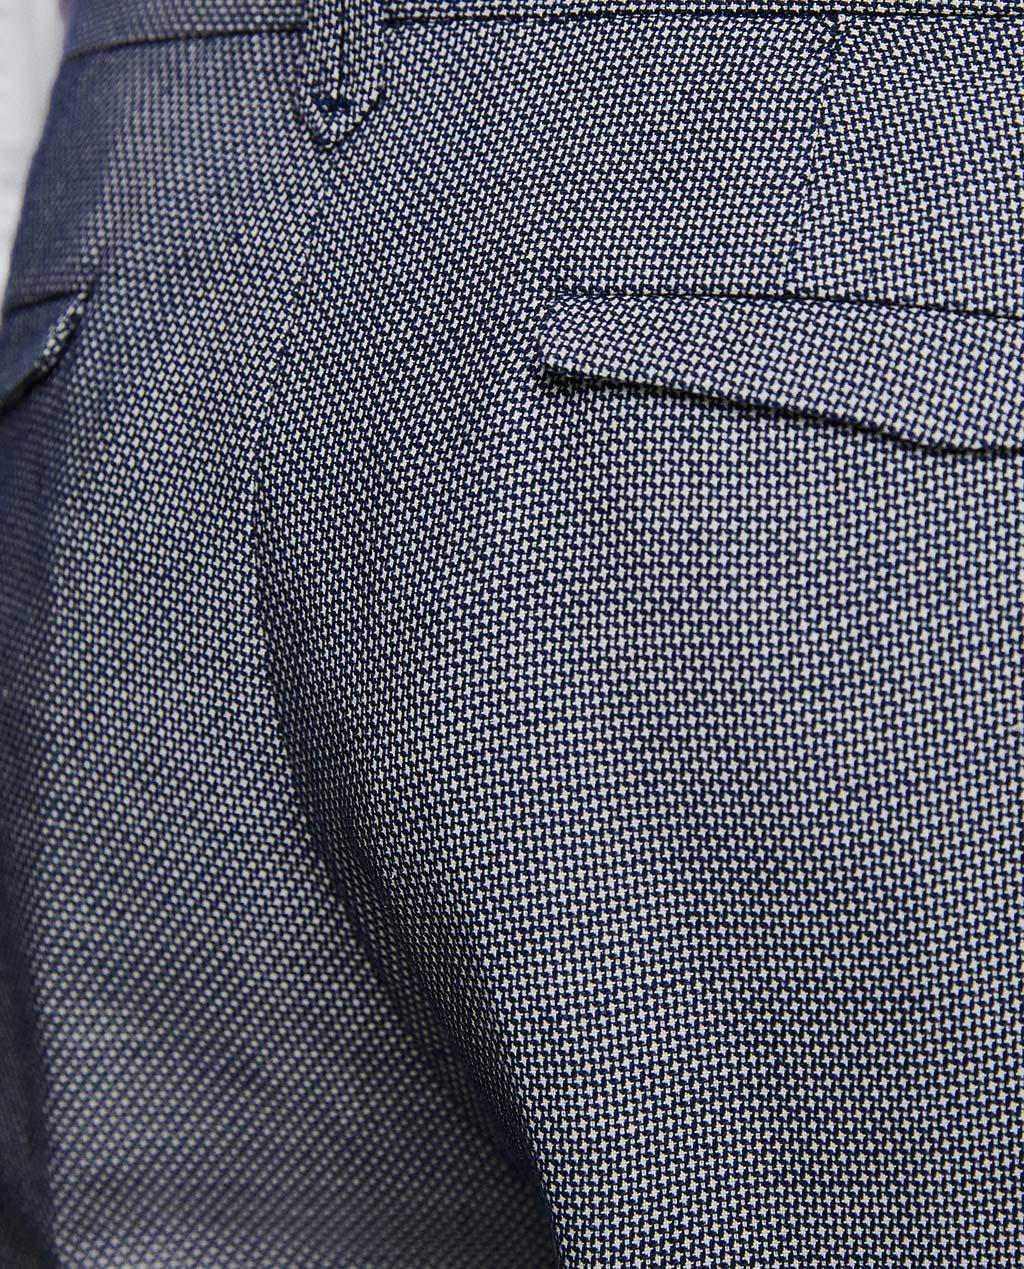 Thời trang nam Zara  23952 - ảnh 6